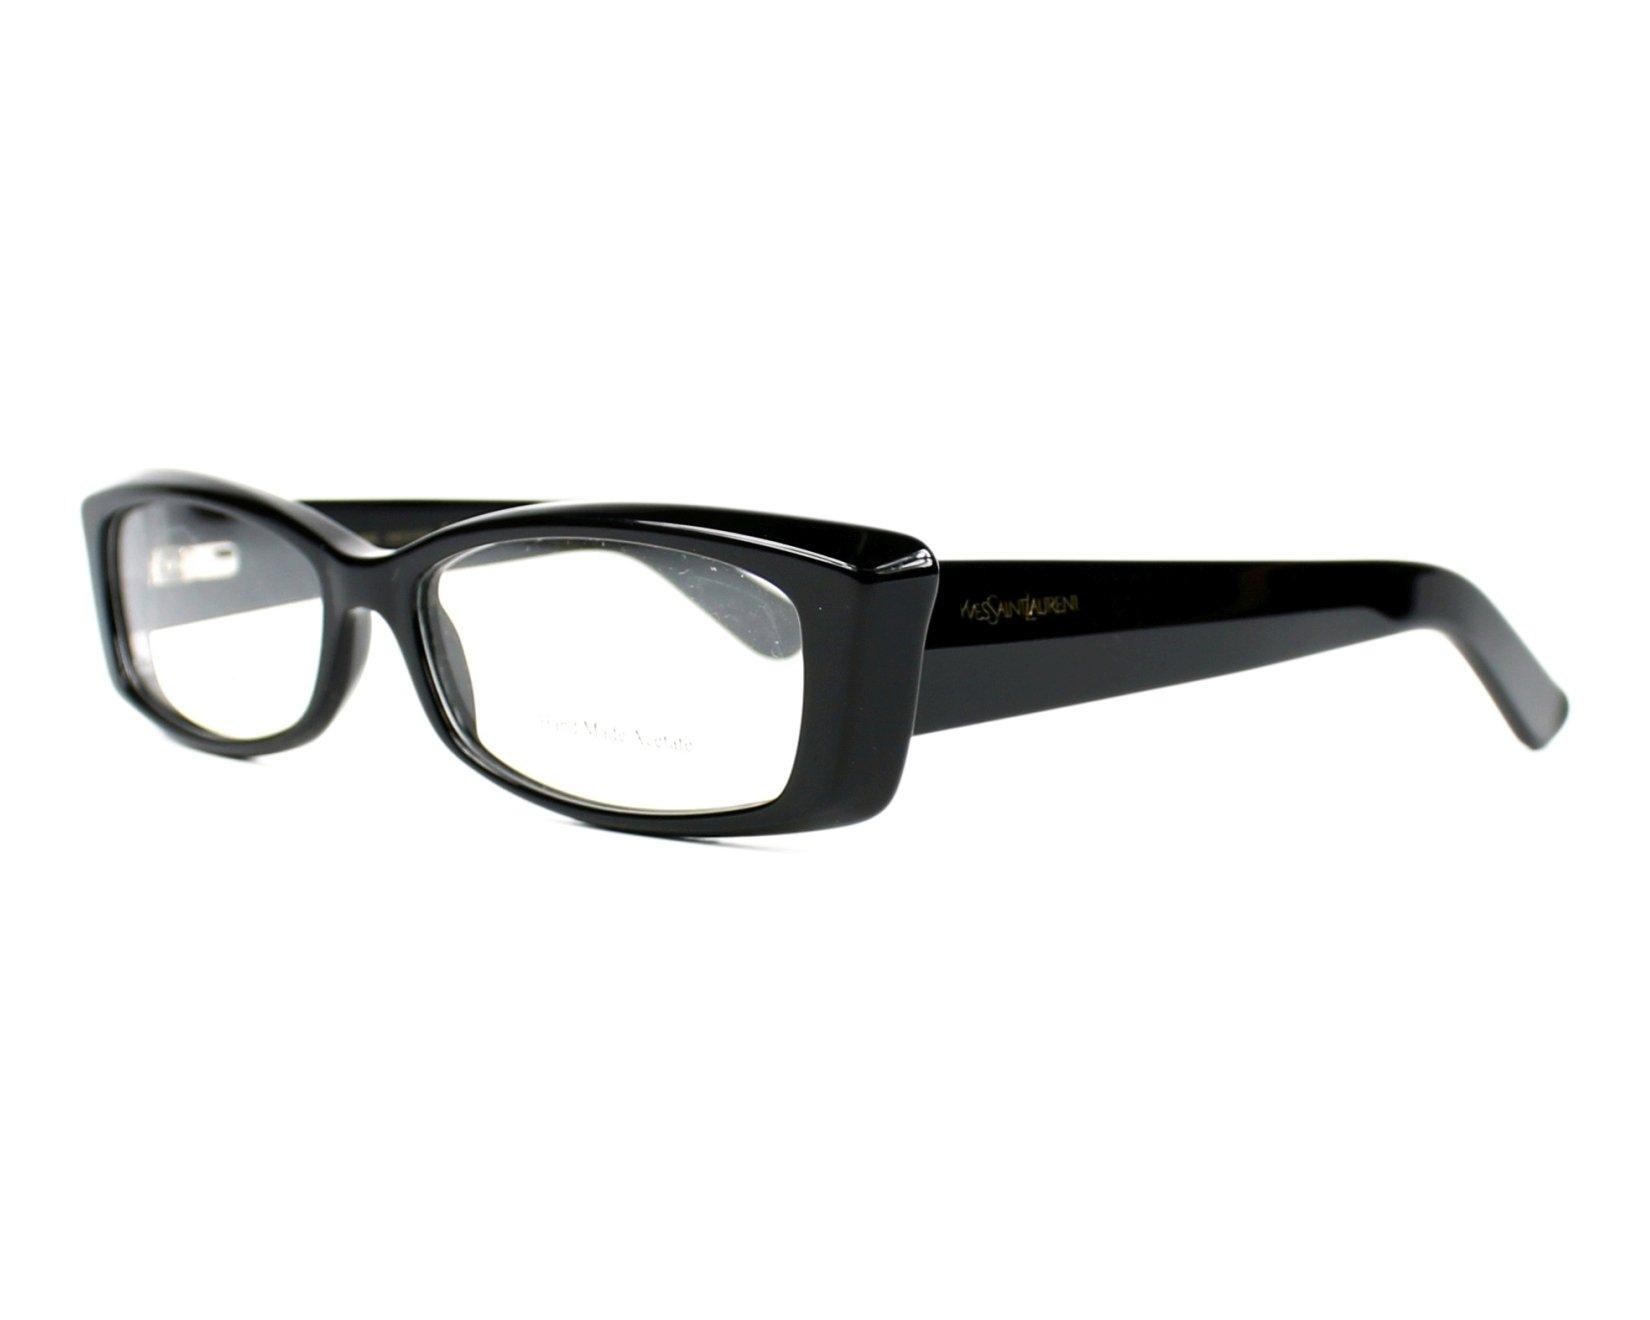 lunettes de vue de yves saint laurent en ysl 6334 807. Black Bedroom Furniture Sets. Home Design Ideas